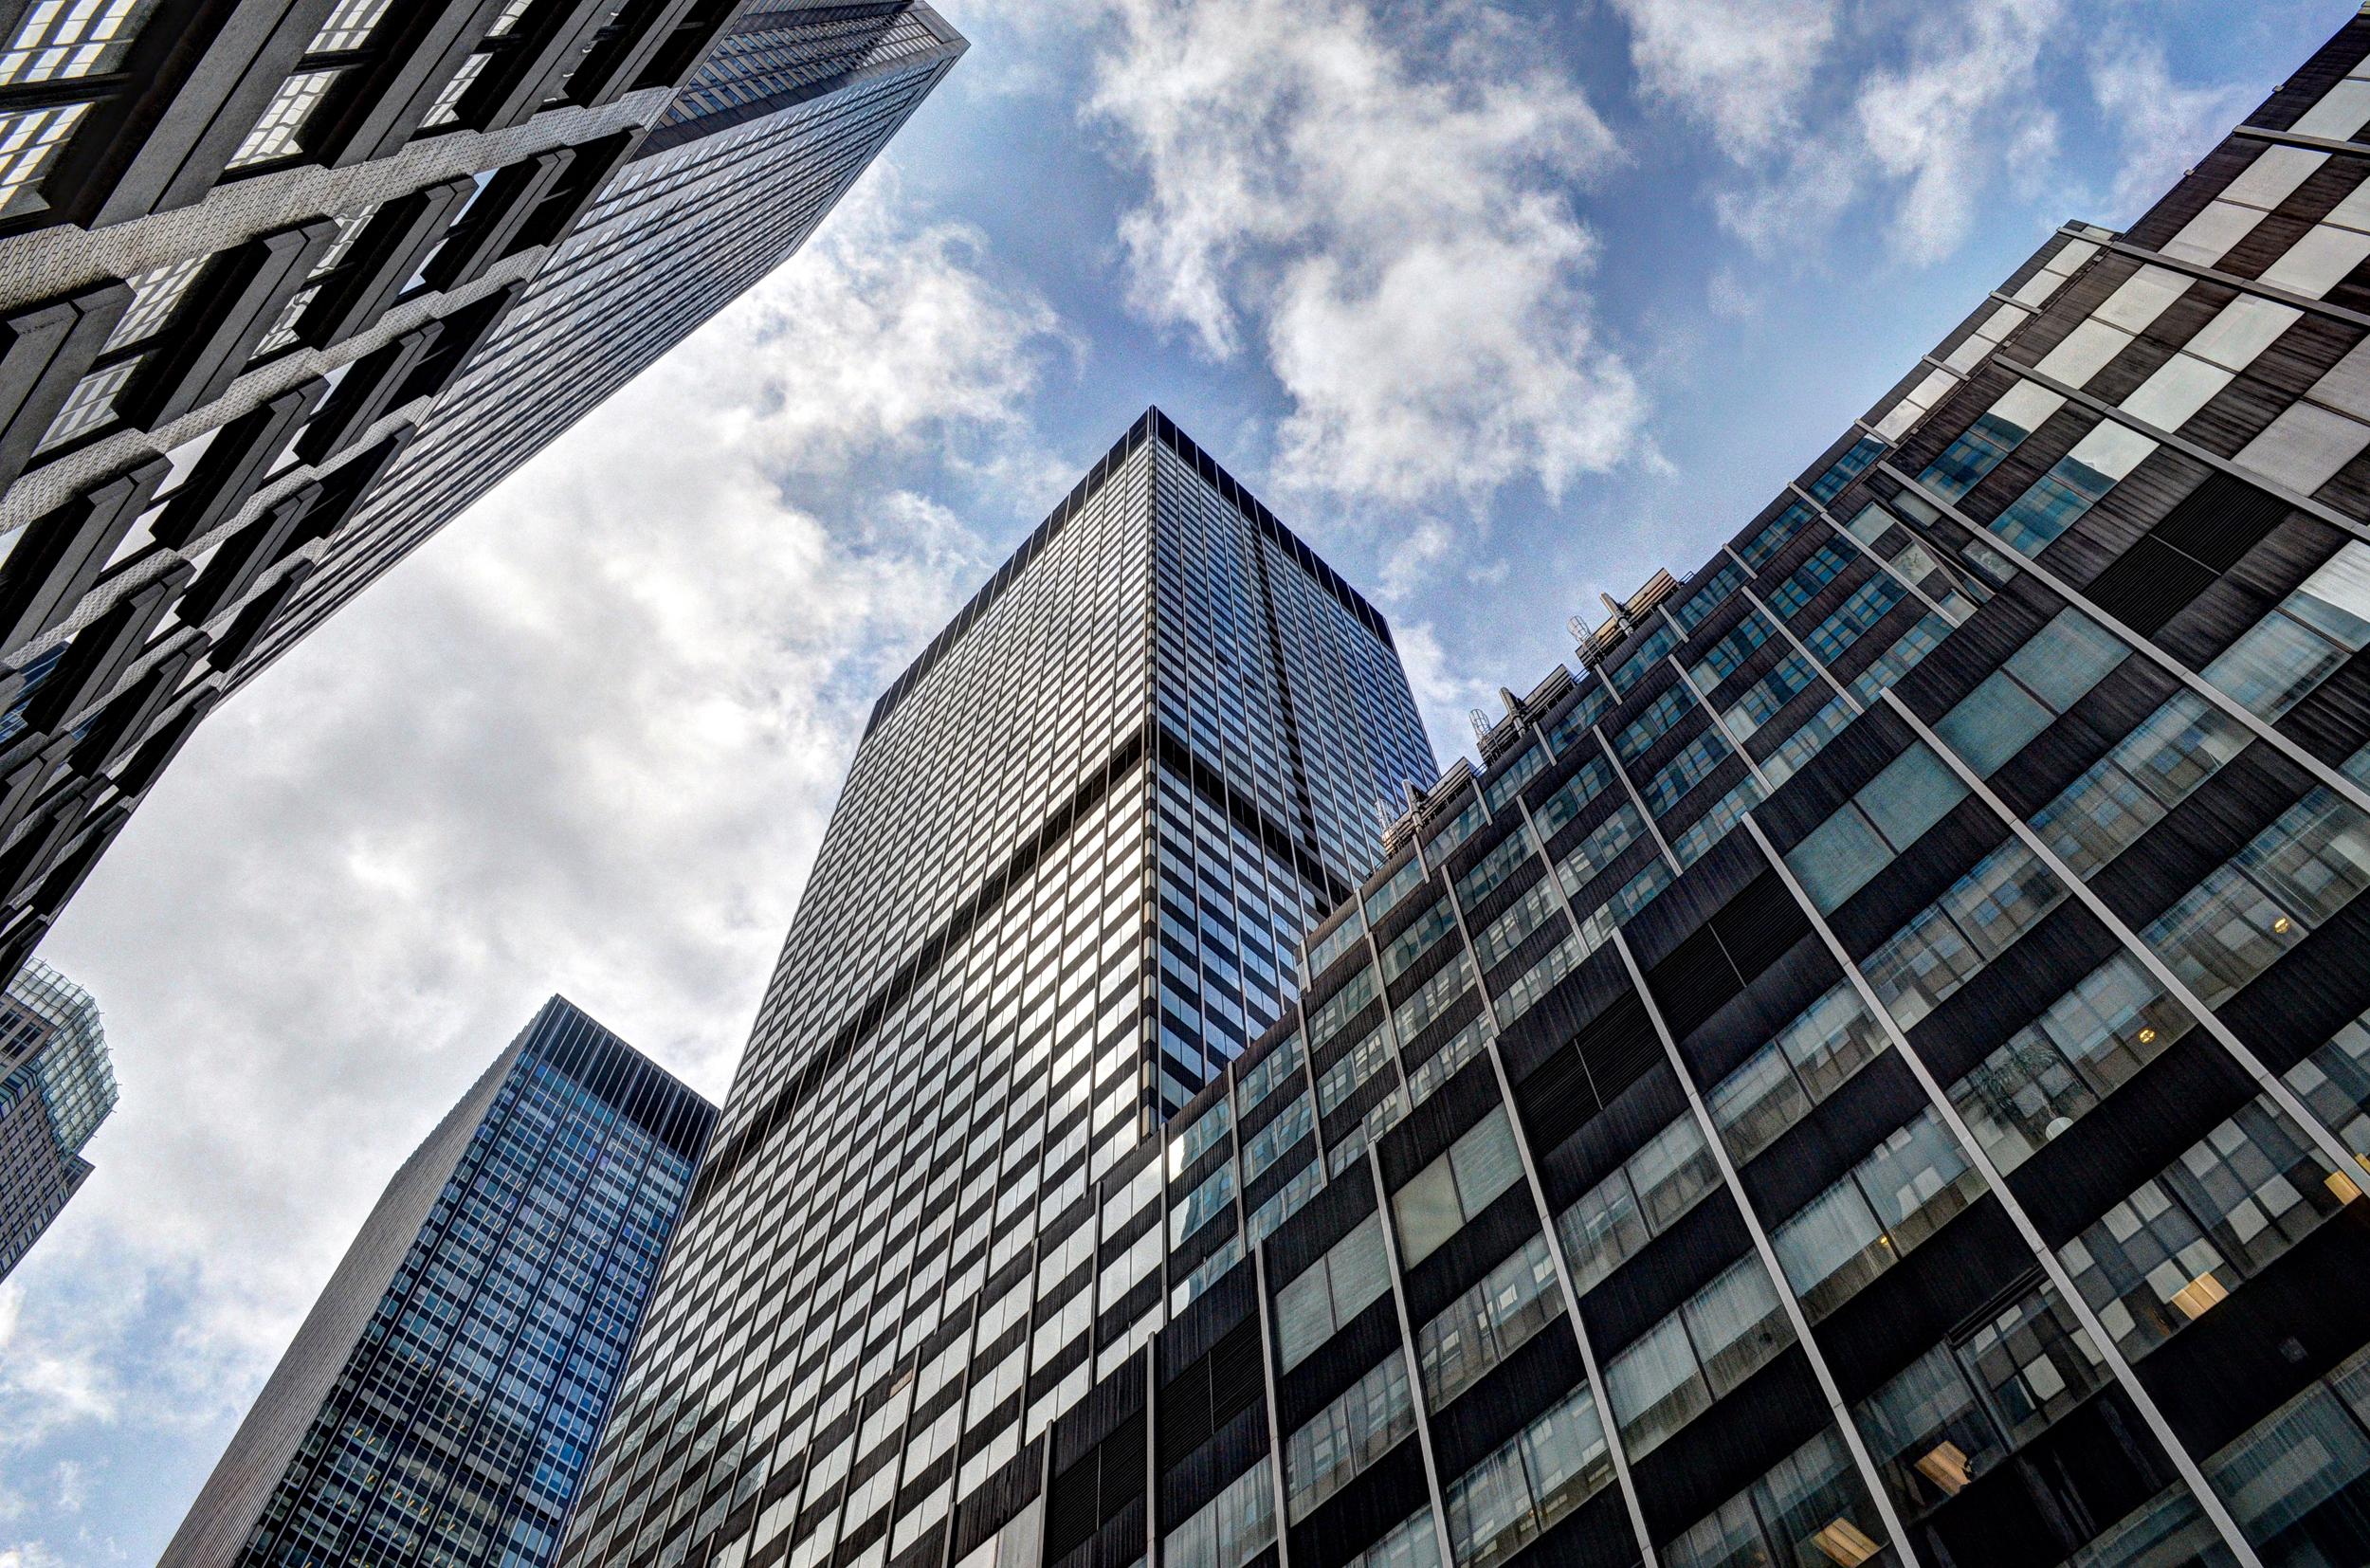 New York City - High Rise